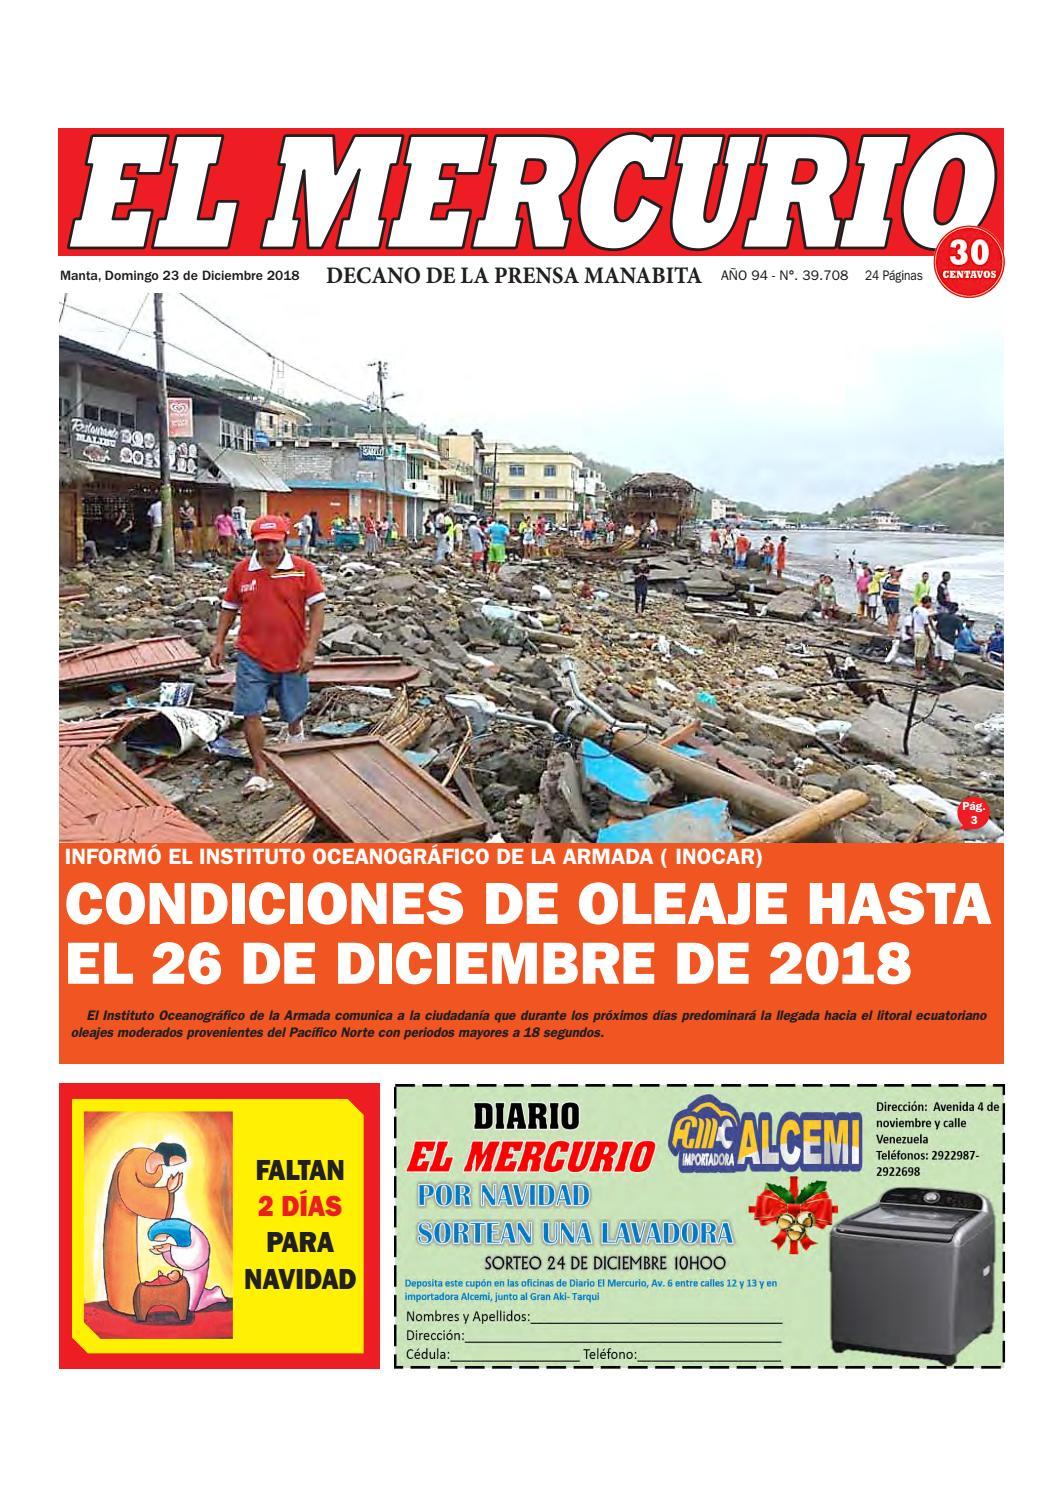 73e19fa8869c DOMINGO 23 DE DICIEMBRE DE 2018 by Diario El mercurio - issuu